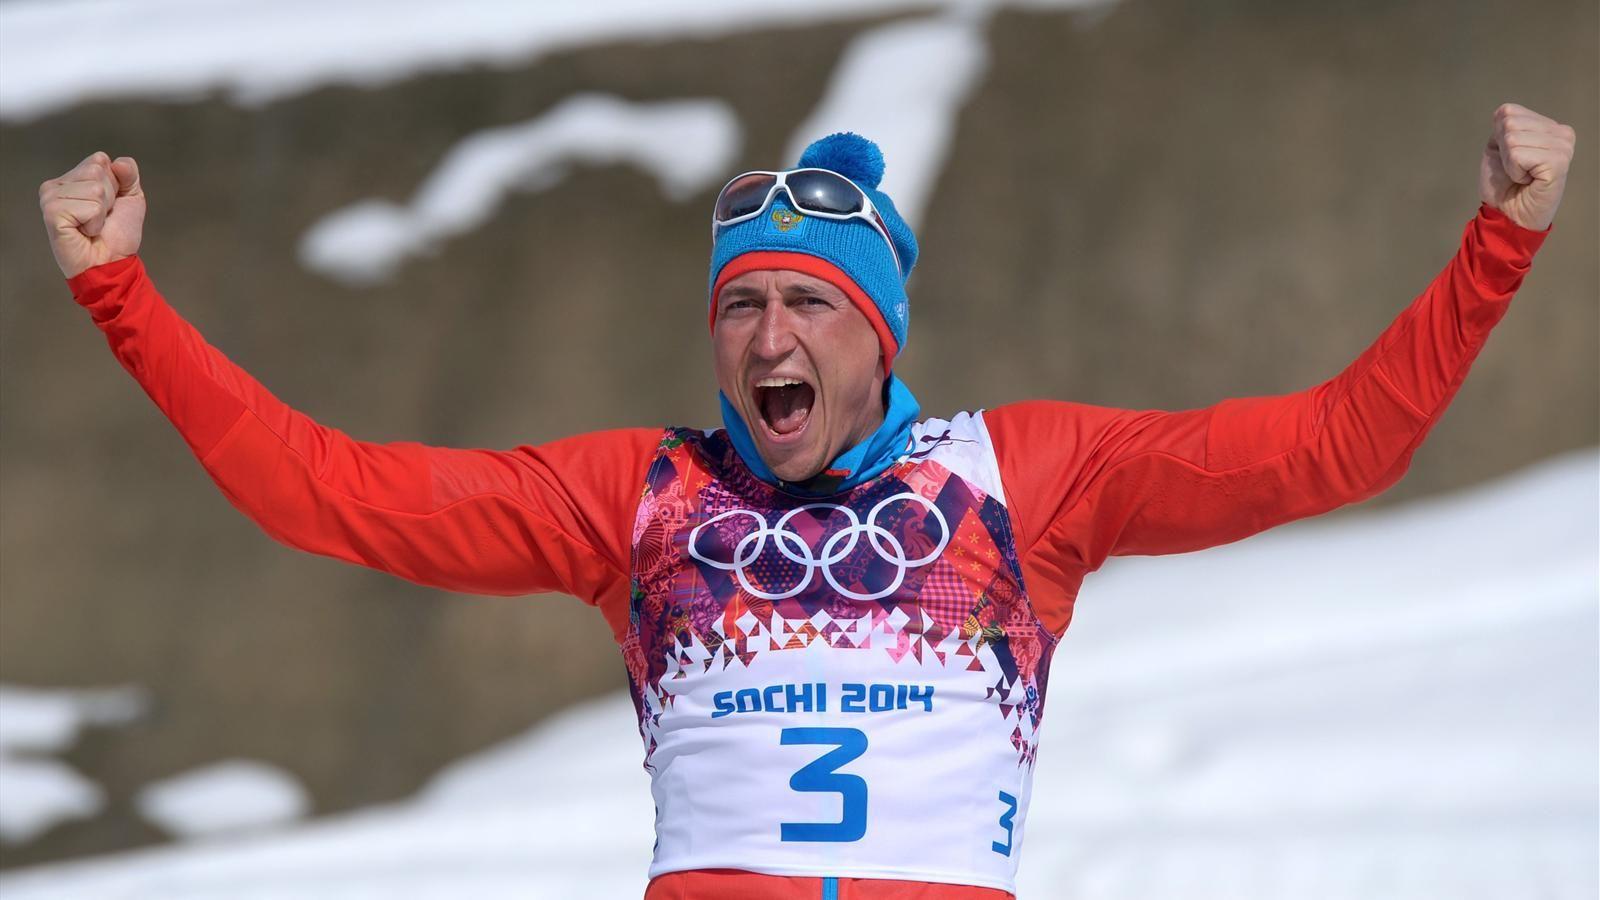 Олимпийский чемпион Александр Легков, а также призеры Игр в Пхёнчхане Денис Спицов и Александр Большунов посоревнуются на лыжной трассе в Коми